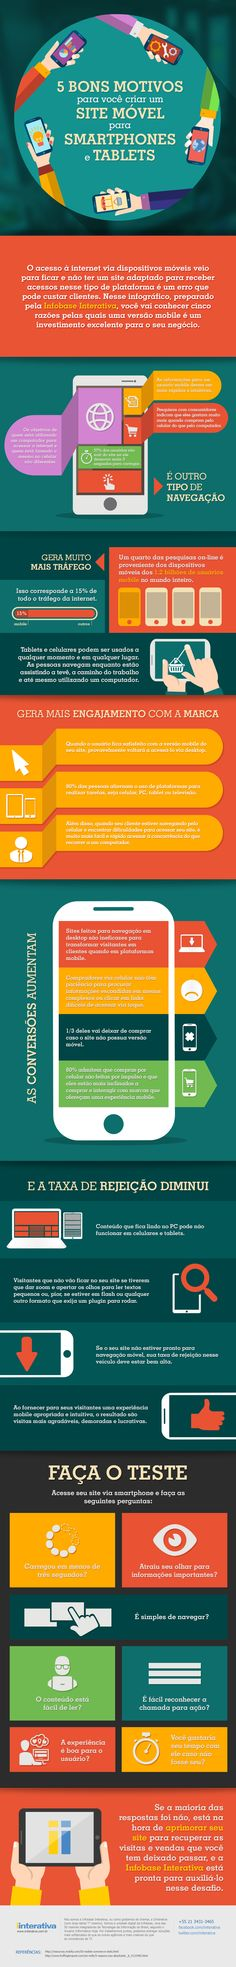 Infográfico: 5 motivos para marcas investirem em sites mobile.  http://www.proxxima.com.br/home/mobile/2014/10/15/Infografico--5-motivos-para-criar-um-site-mobile.html